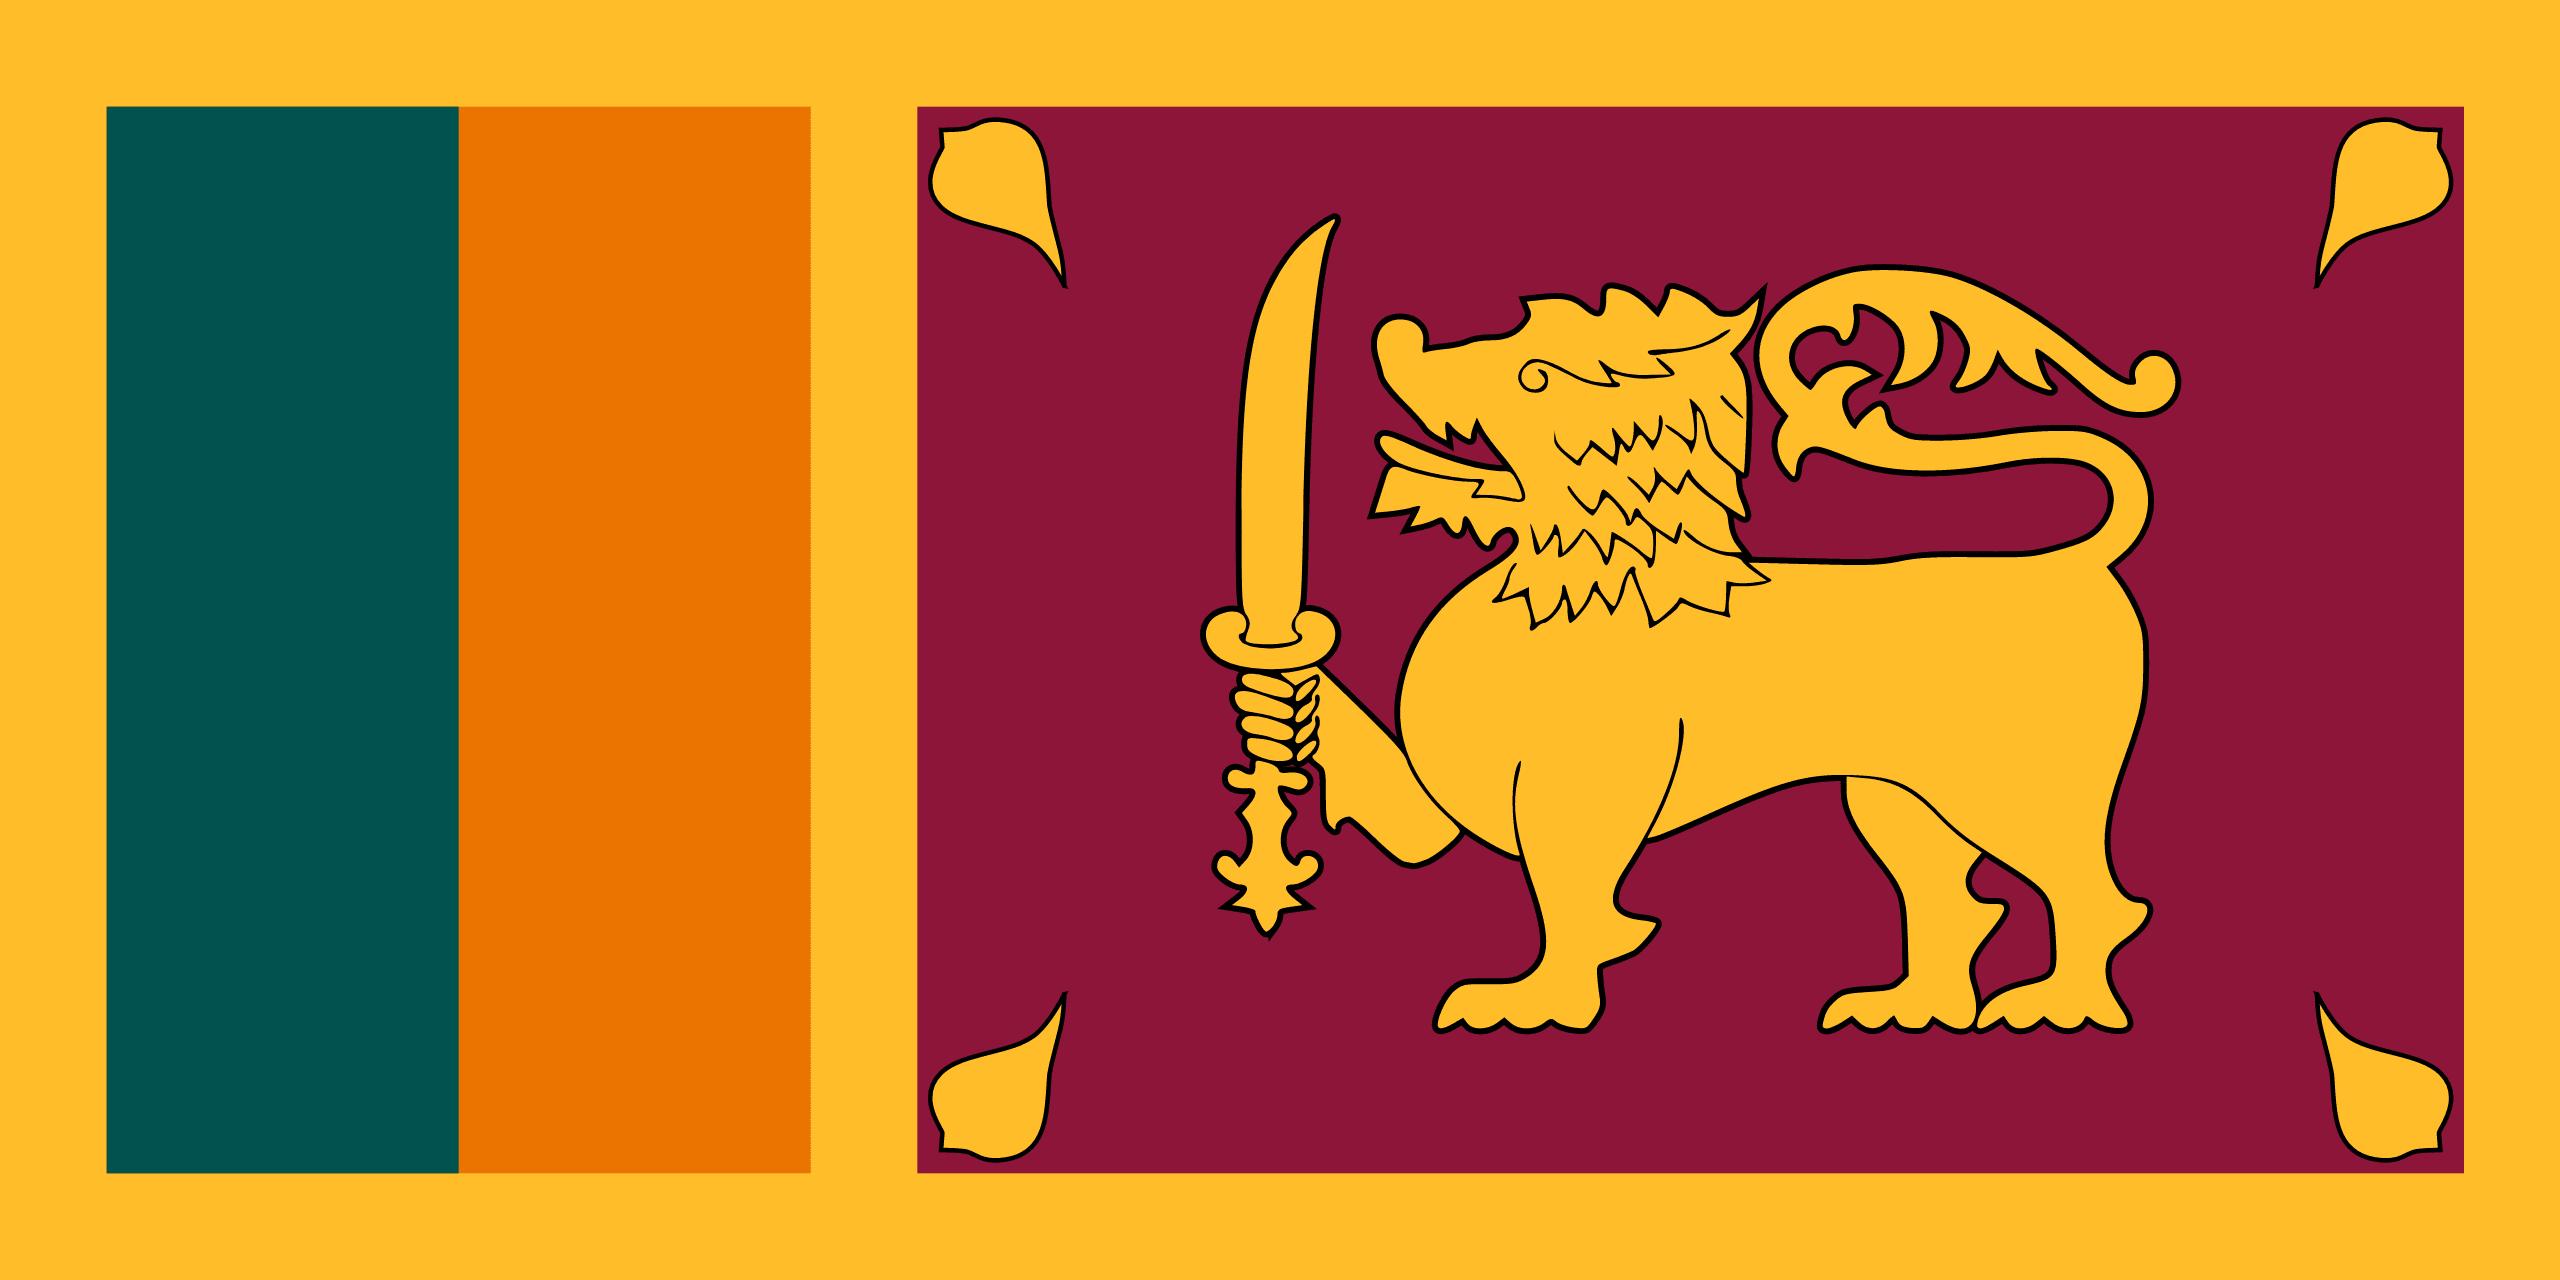 Sri Lanka'nın Başkenti ve Para Birimi Nedir? Sri Lanka'nın Bayrağı Nasıldır?